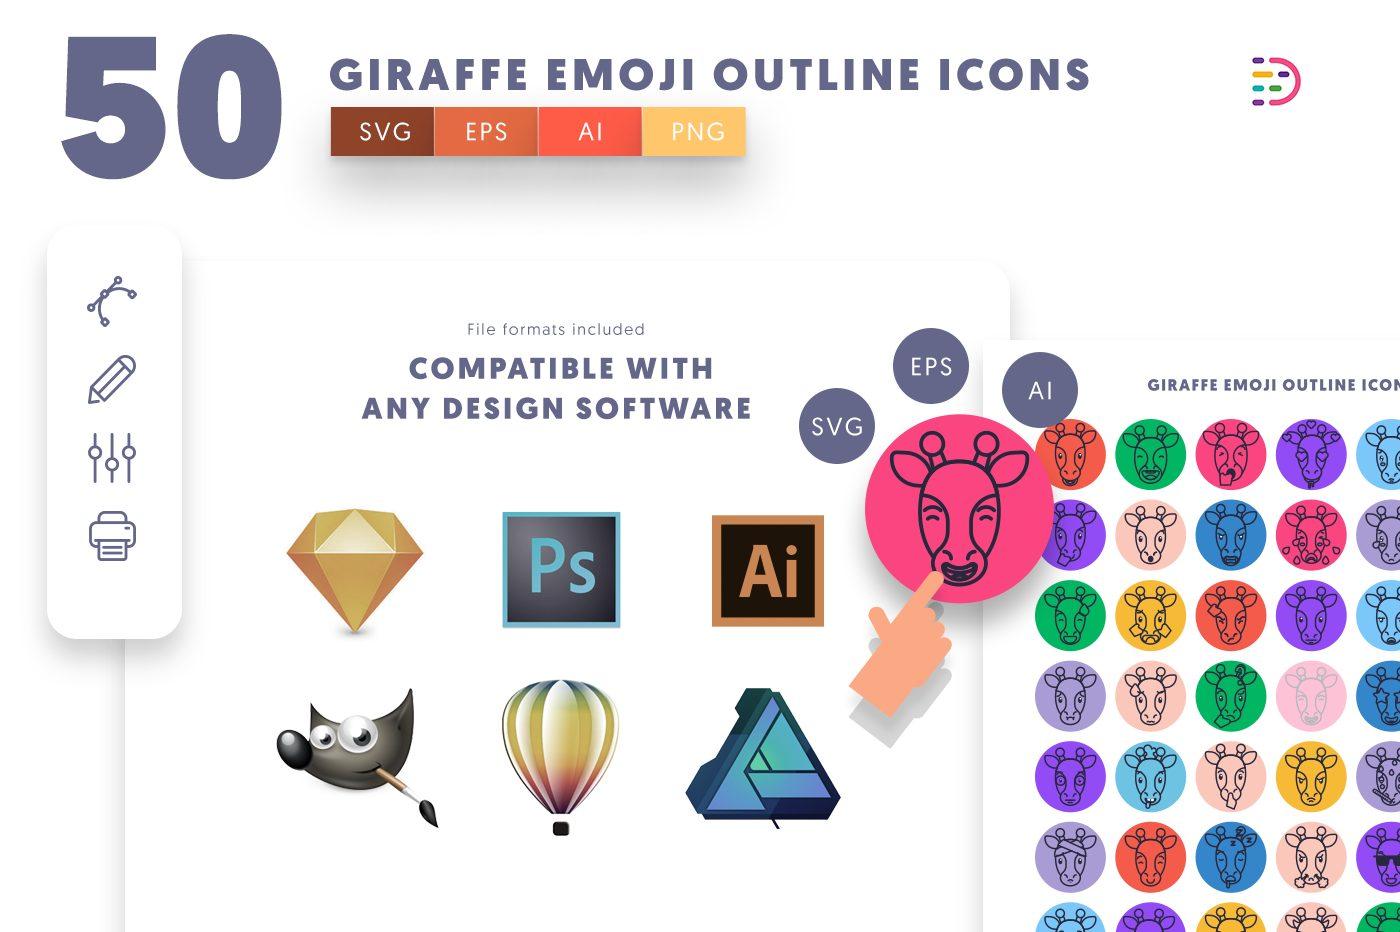 full vector 50 Giraffe Emoji Outline Icons EPS, SVG, PNG